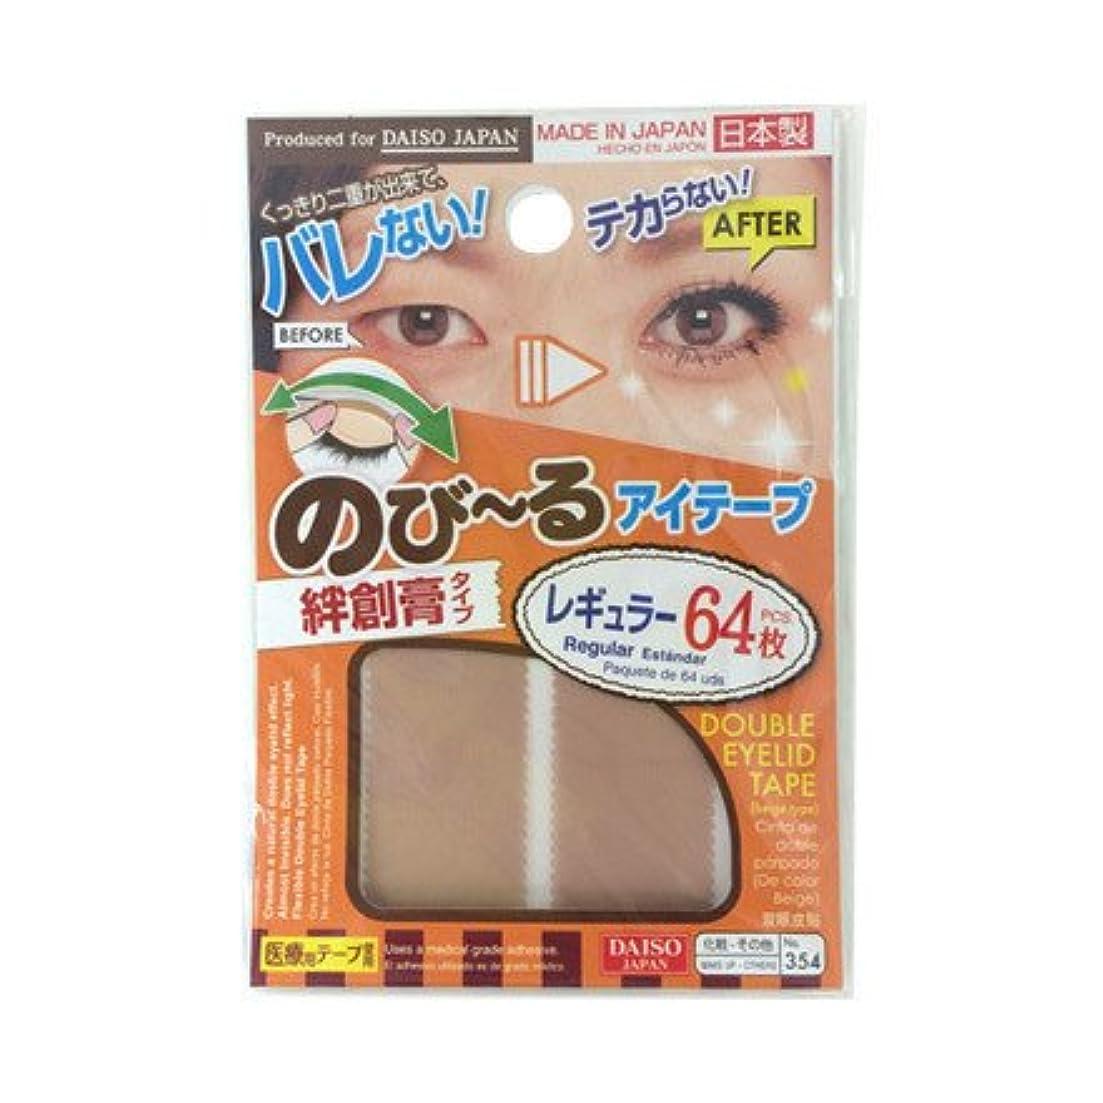 ヒューズ検索エンジンマーケティング醸造所daiso ダイソー のび~る アイテープ  絆創膏 レギュラー 64枚 ×2パック